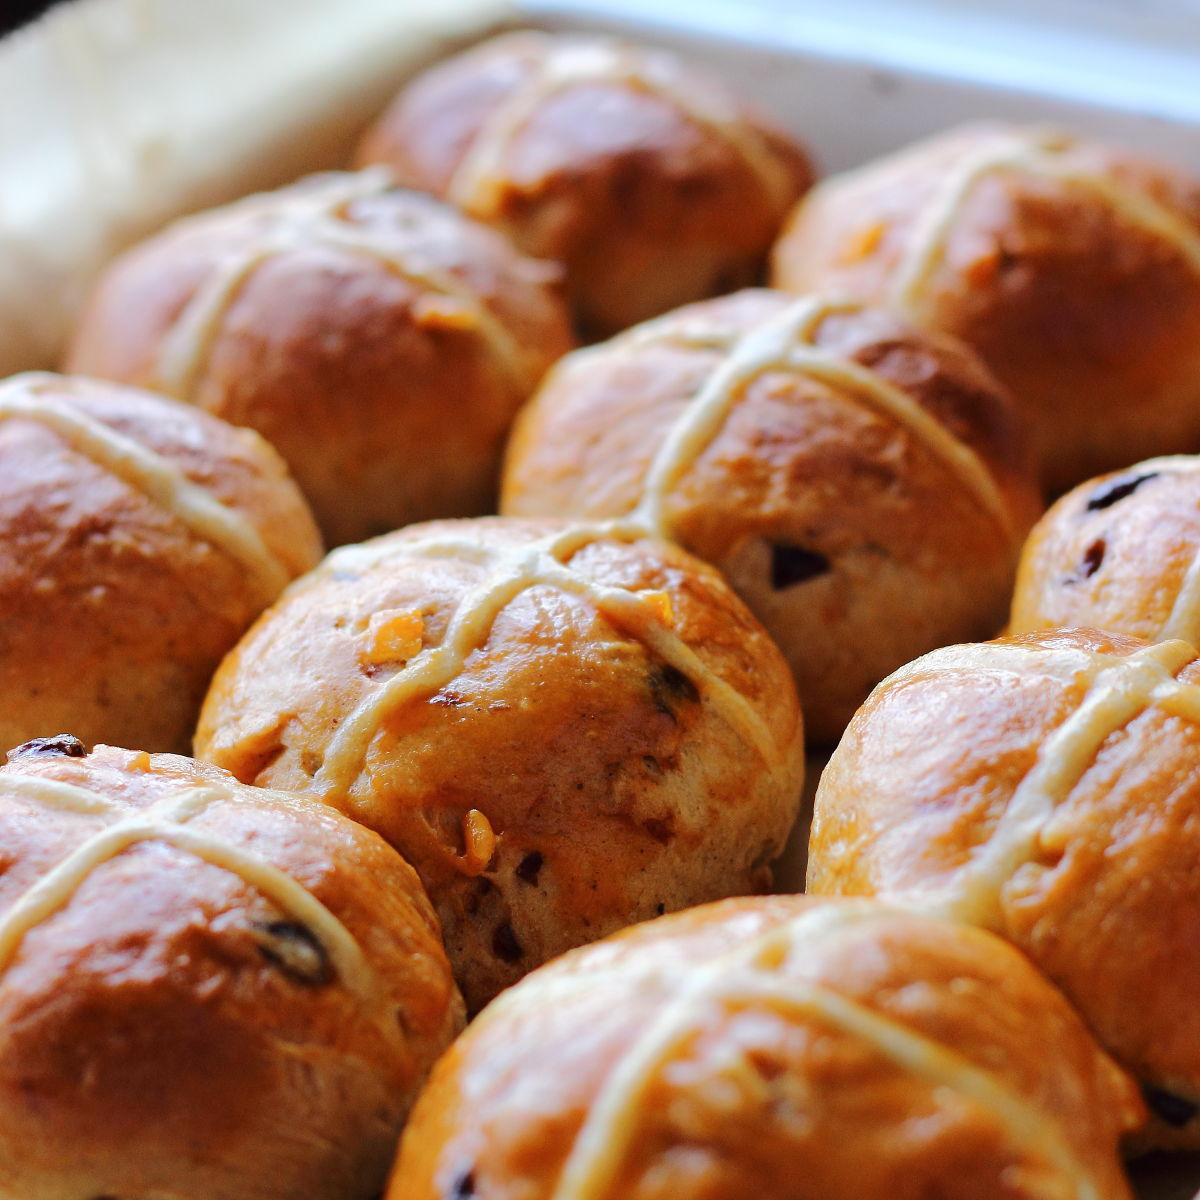 Hot cross buns, Angol húsvéti zsemle megsülve